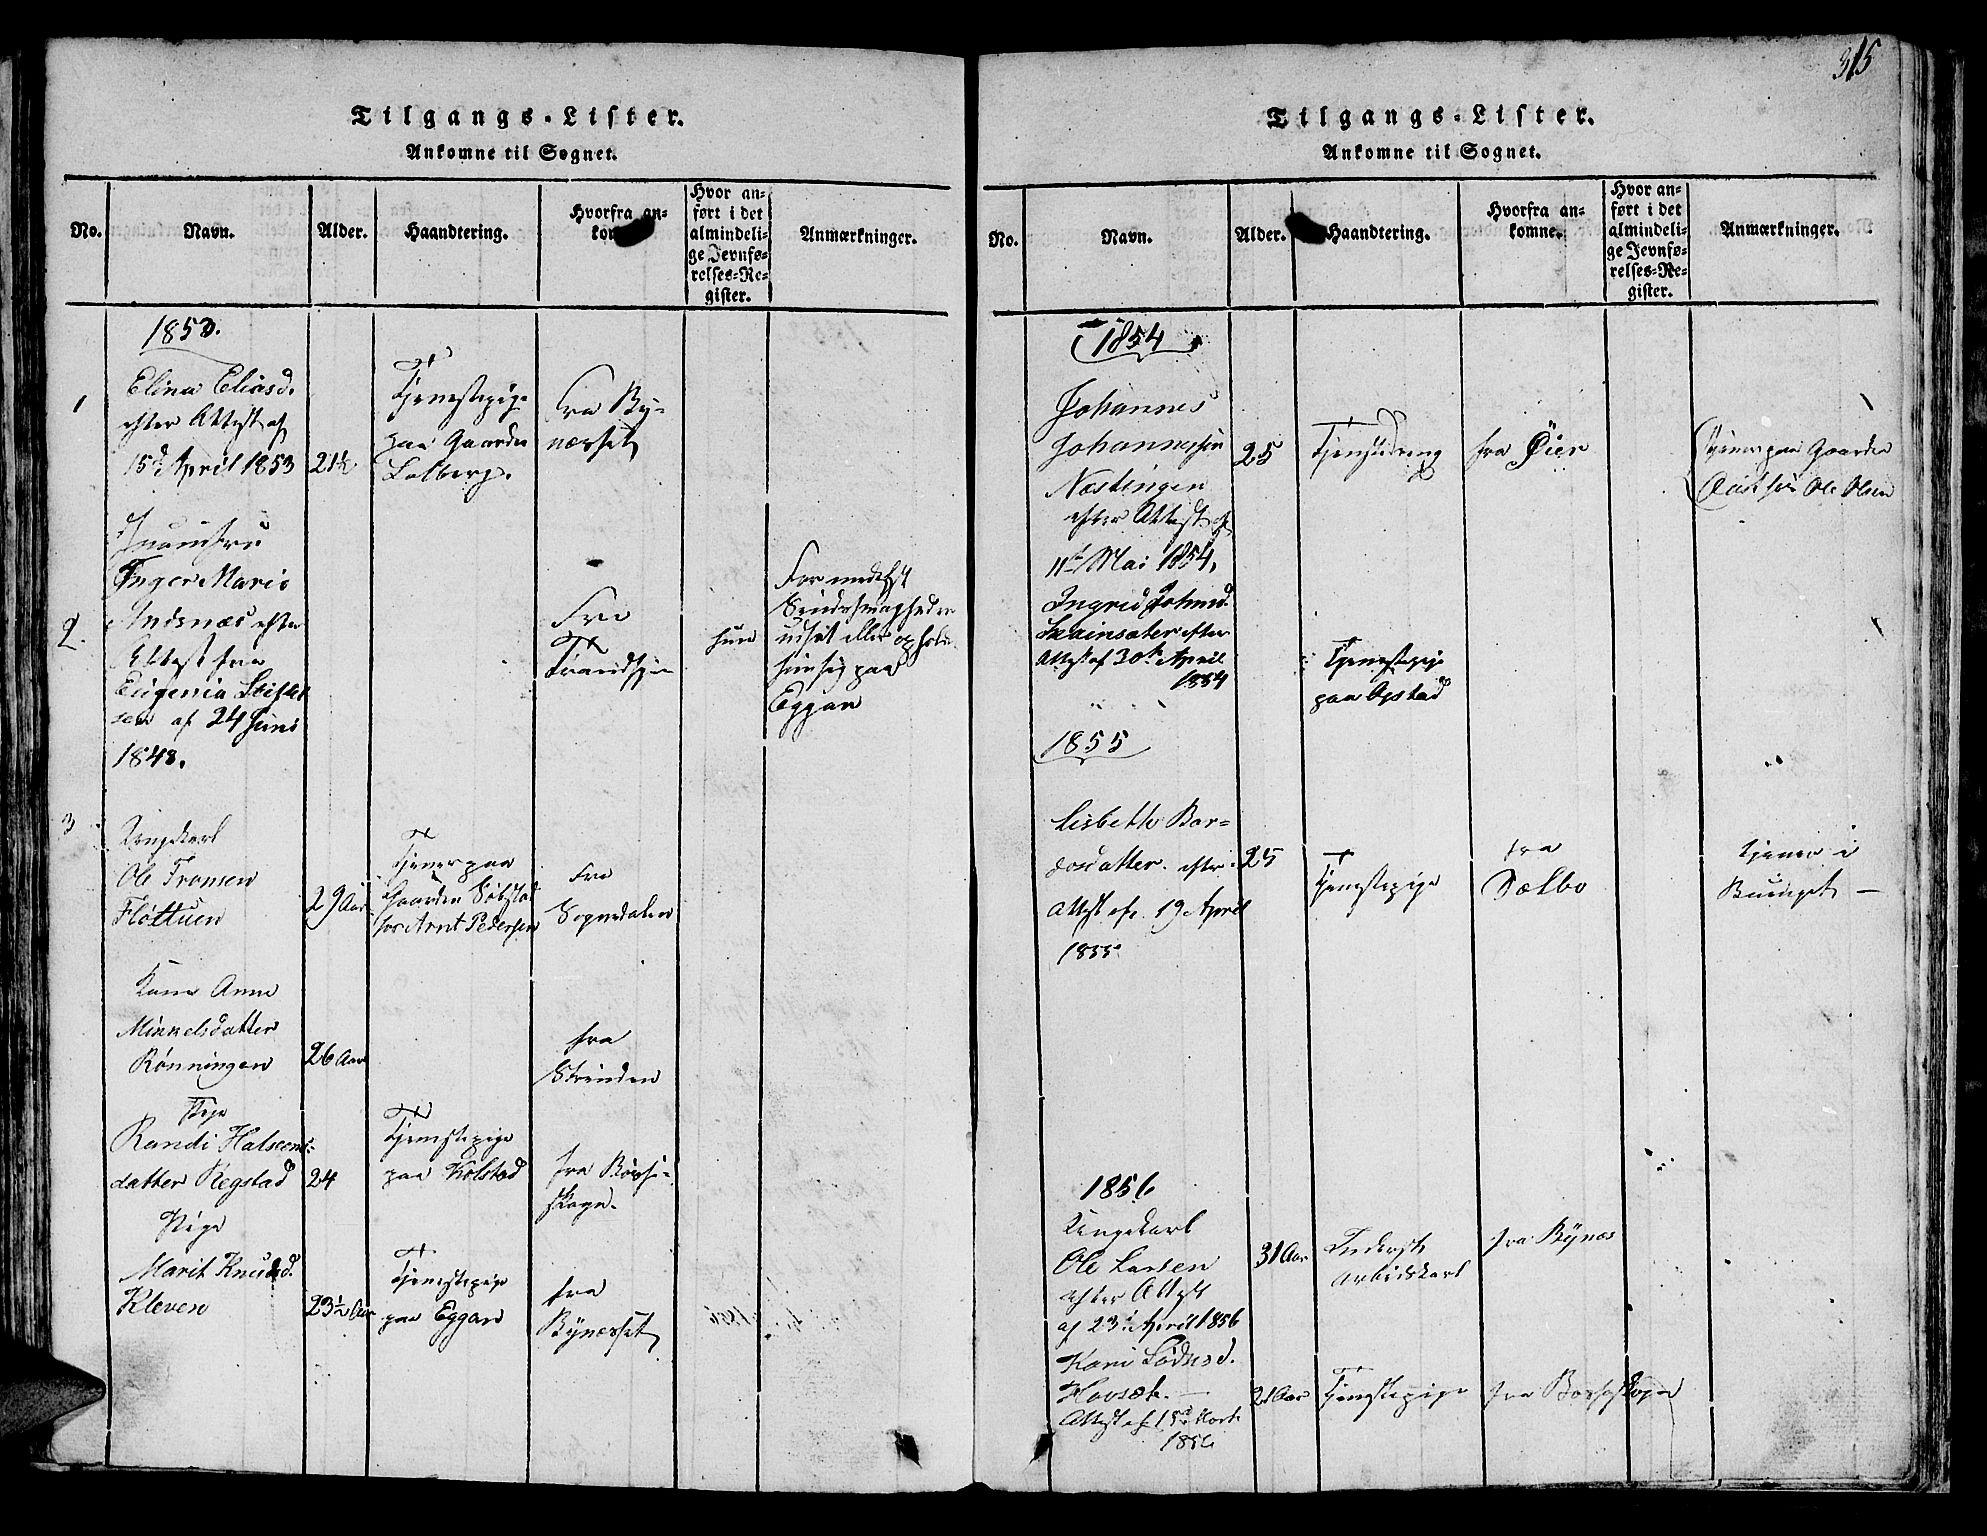 SAT, Ministerialprotokoller, klokkerbøker og fødselsregistre - Sør-Trøndelag, 613/L0393: Klokkerbok nr. 613C01, 1816-1886, s. 315